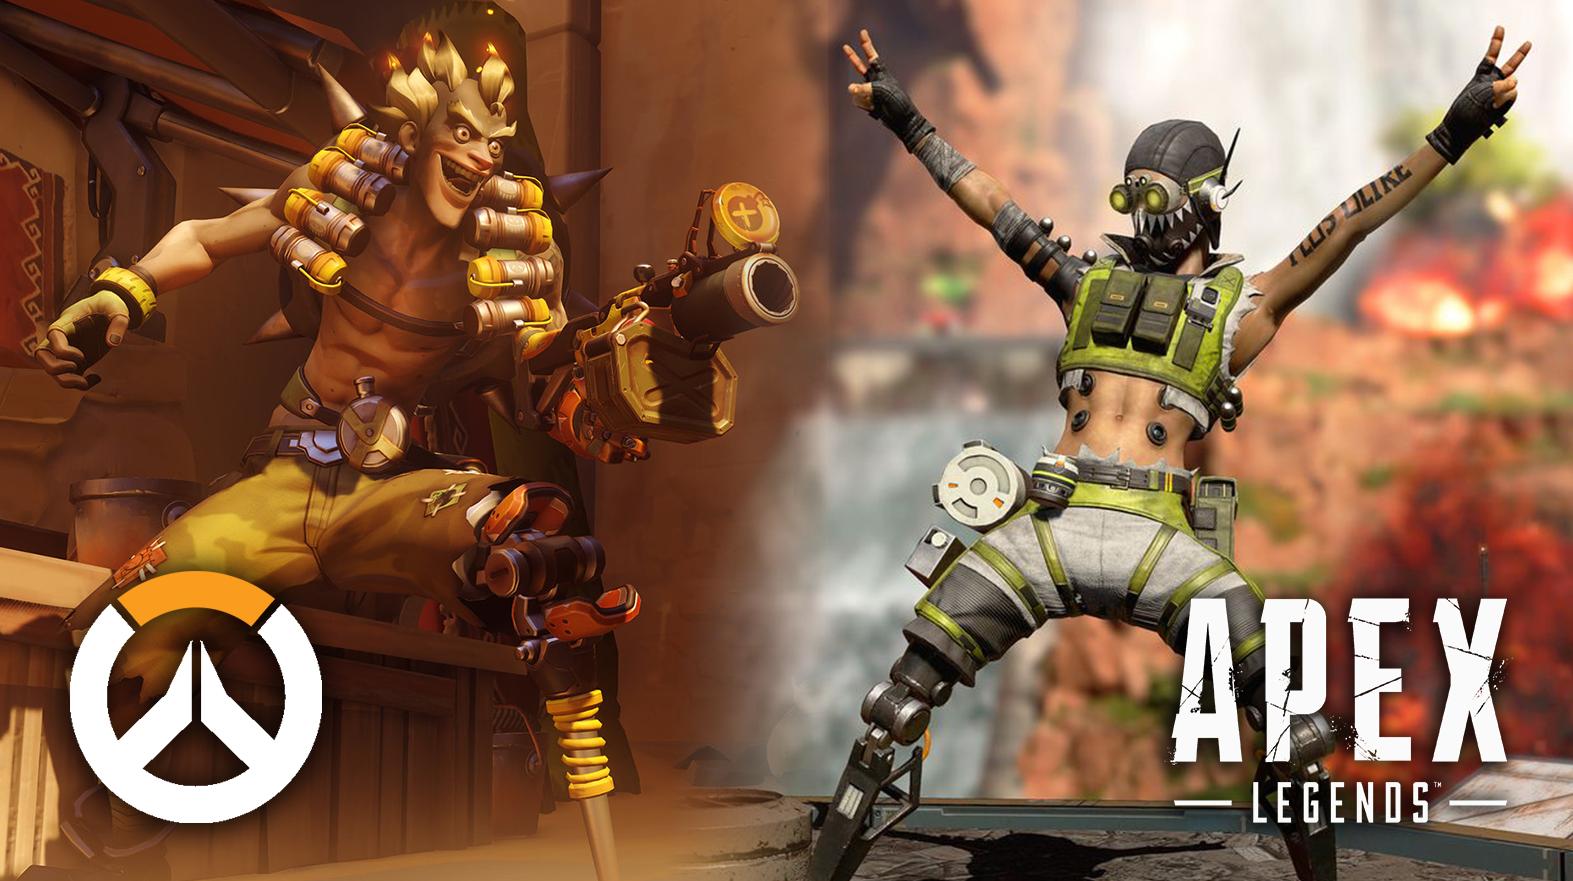 Overwatch Hero Junkrat standing next to Apex Legends character Octane